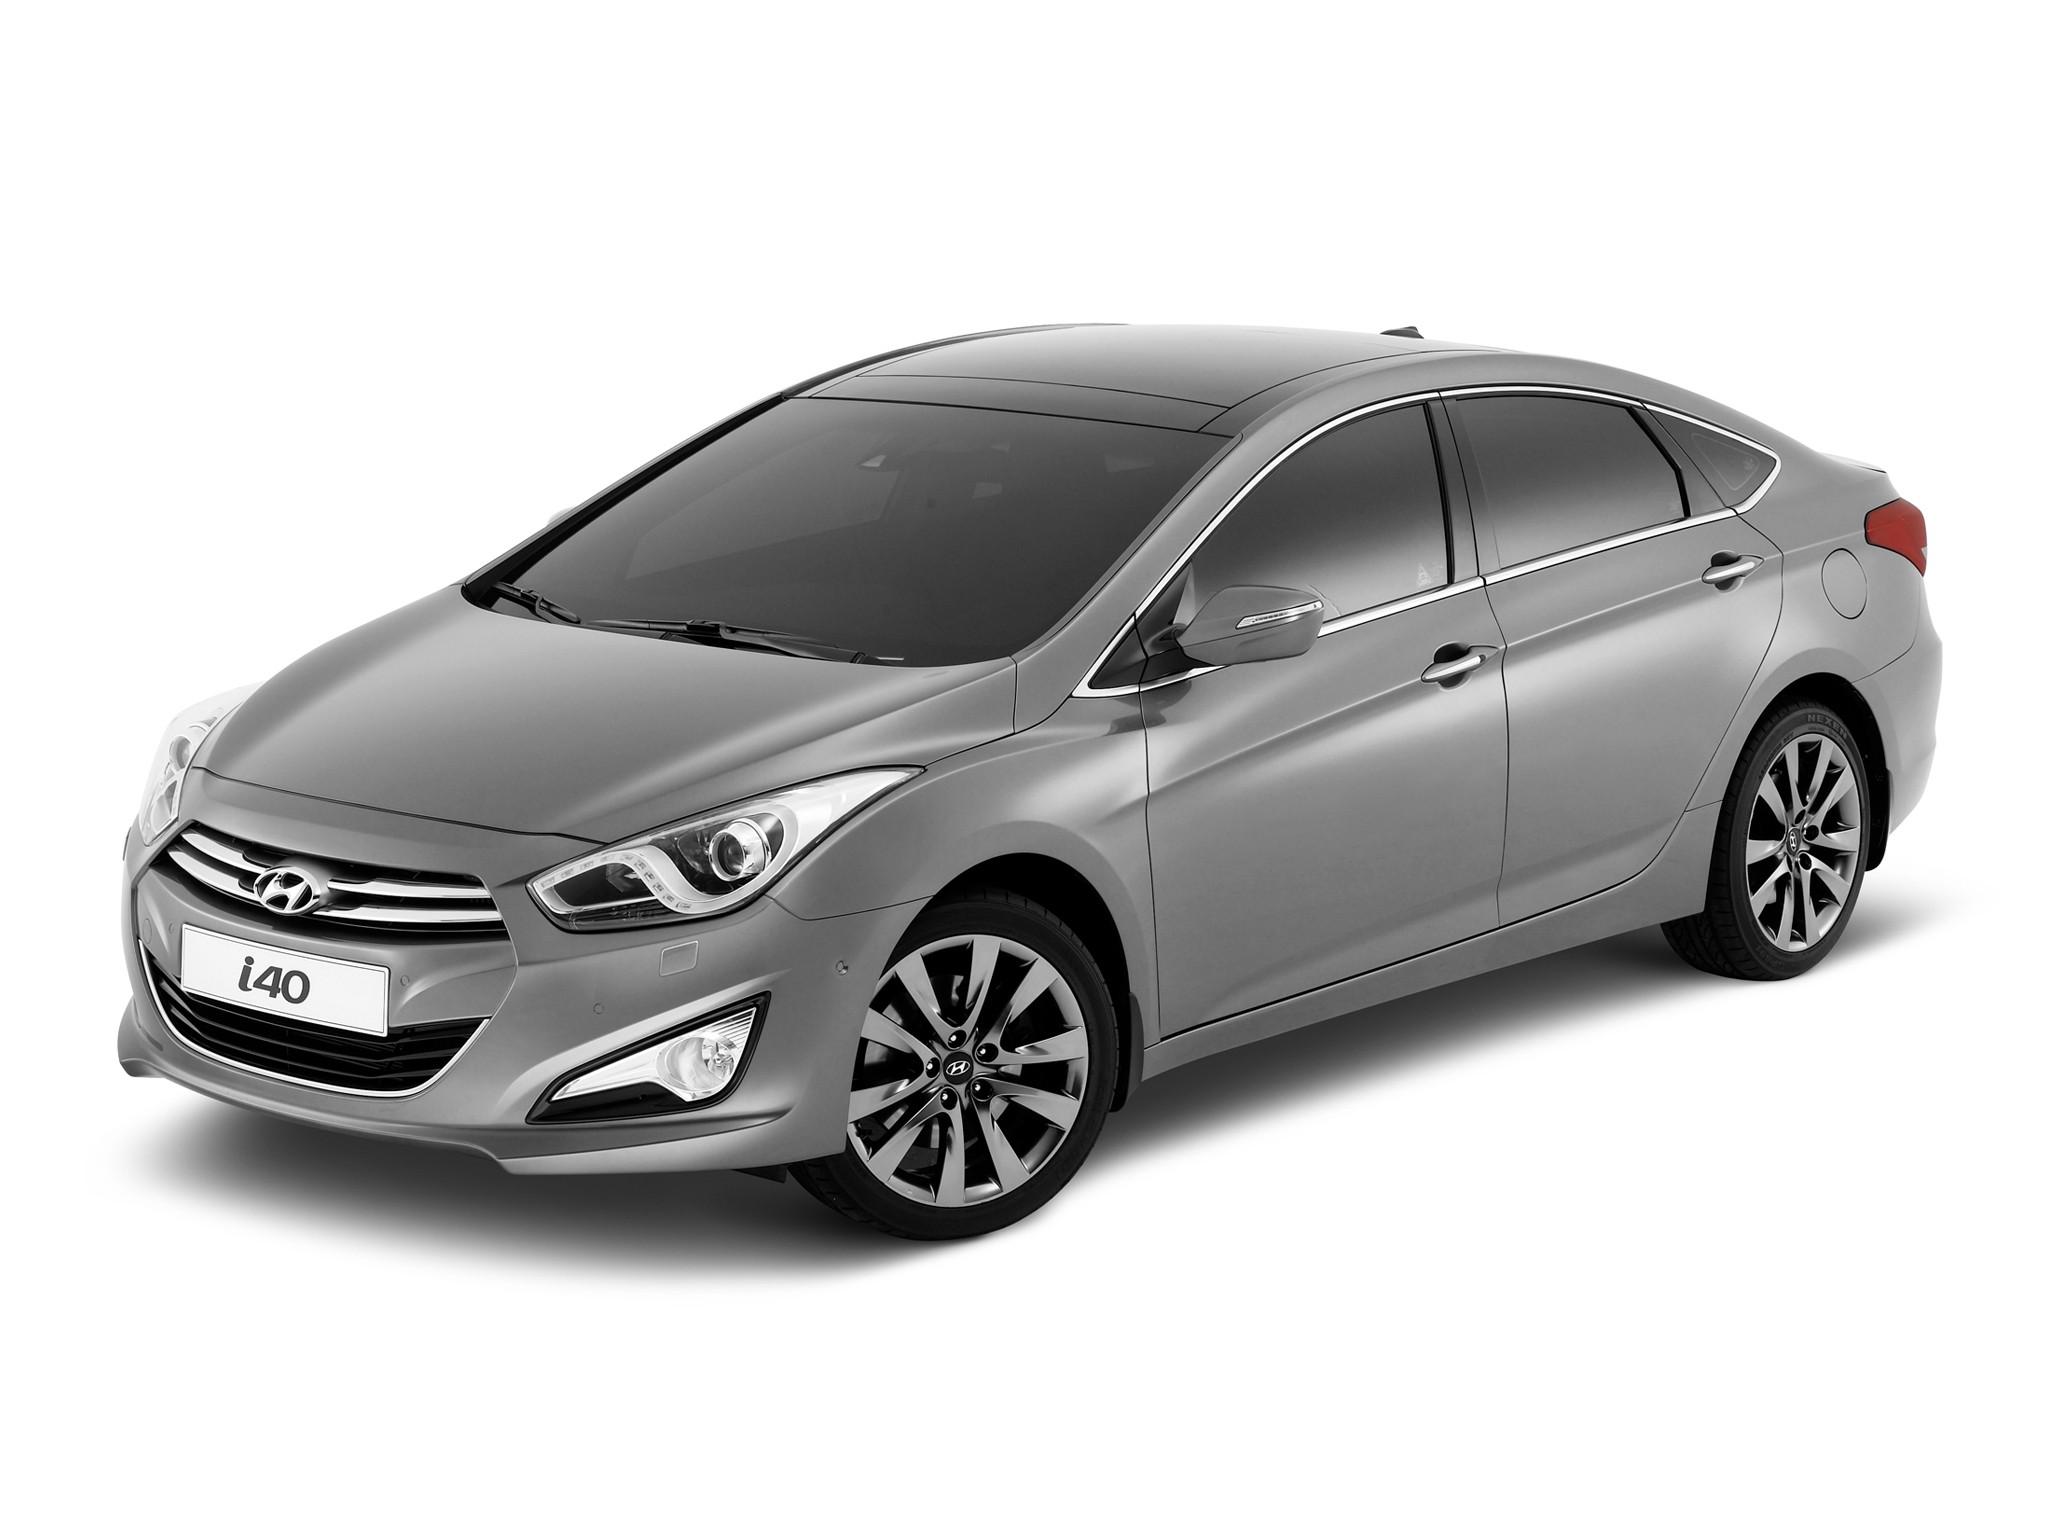 HYUNDAI i40 Saloon specs - 2011, 2012, 2013, 2014, 2015, 2016, 2017, 2018 - autoevolution